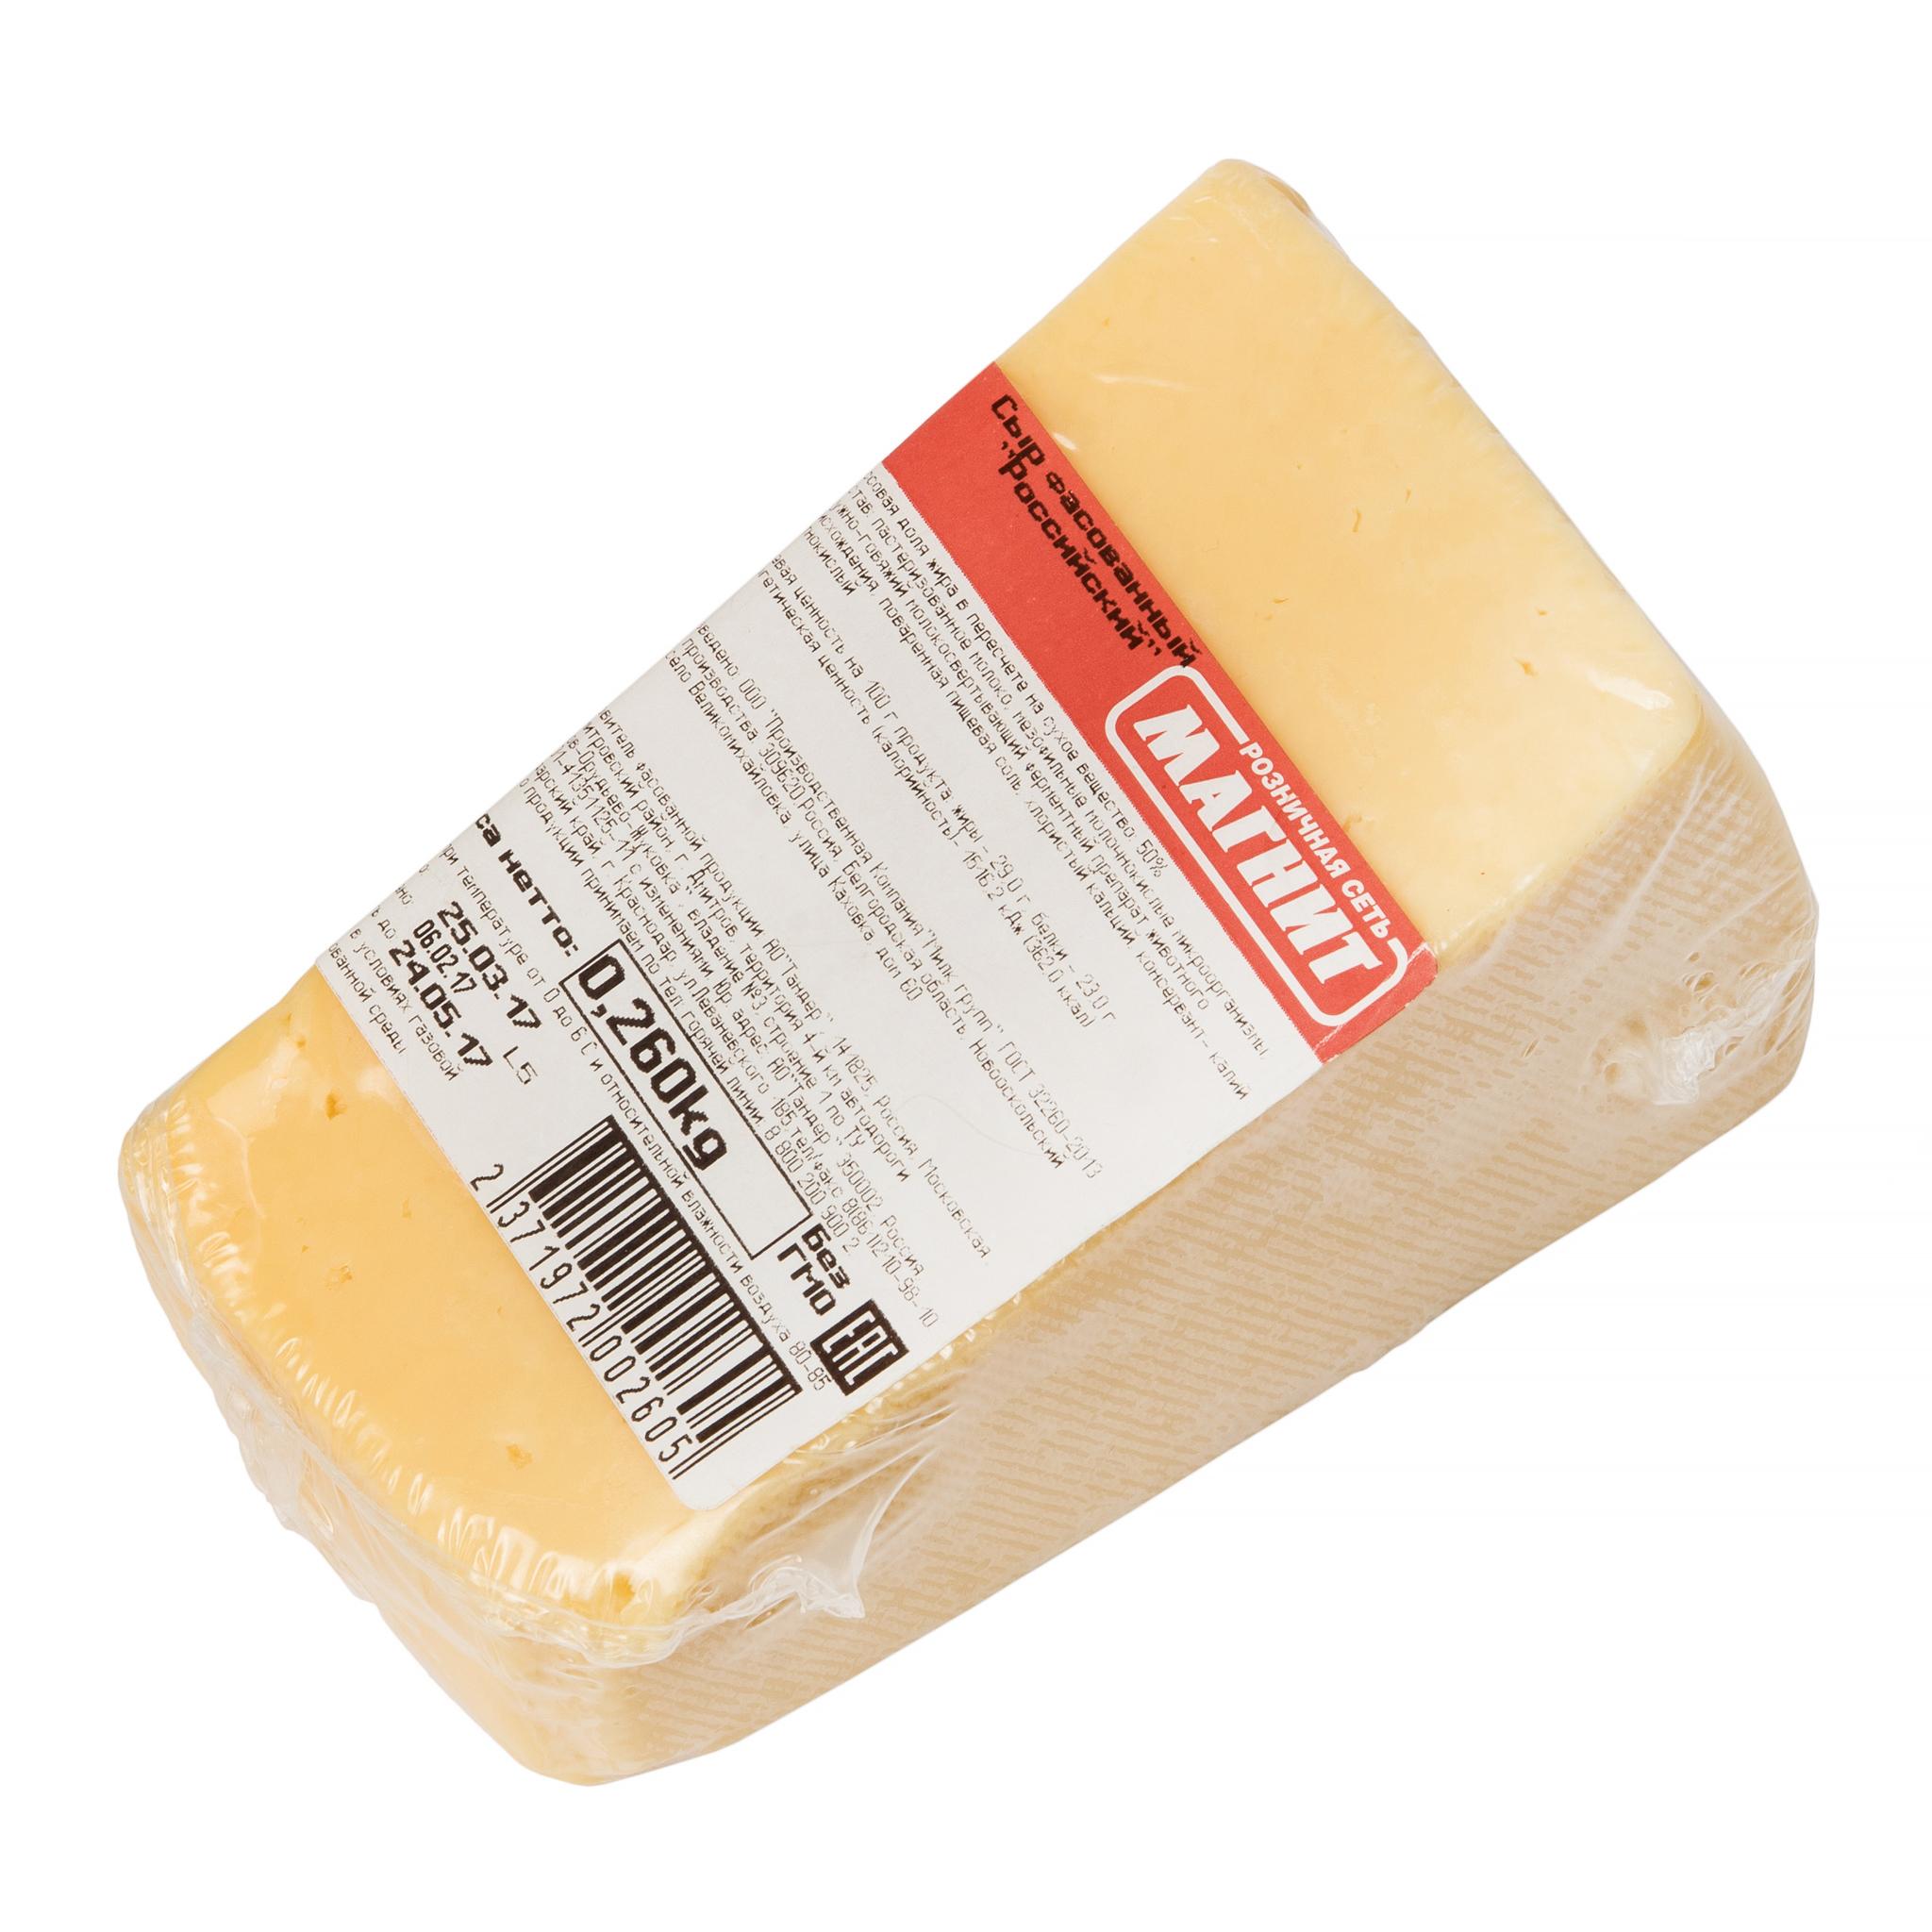 Сыр фасованный картинки